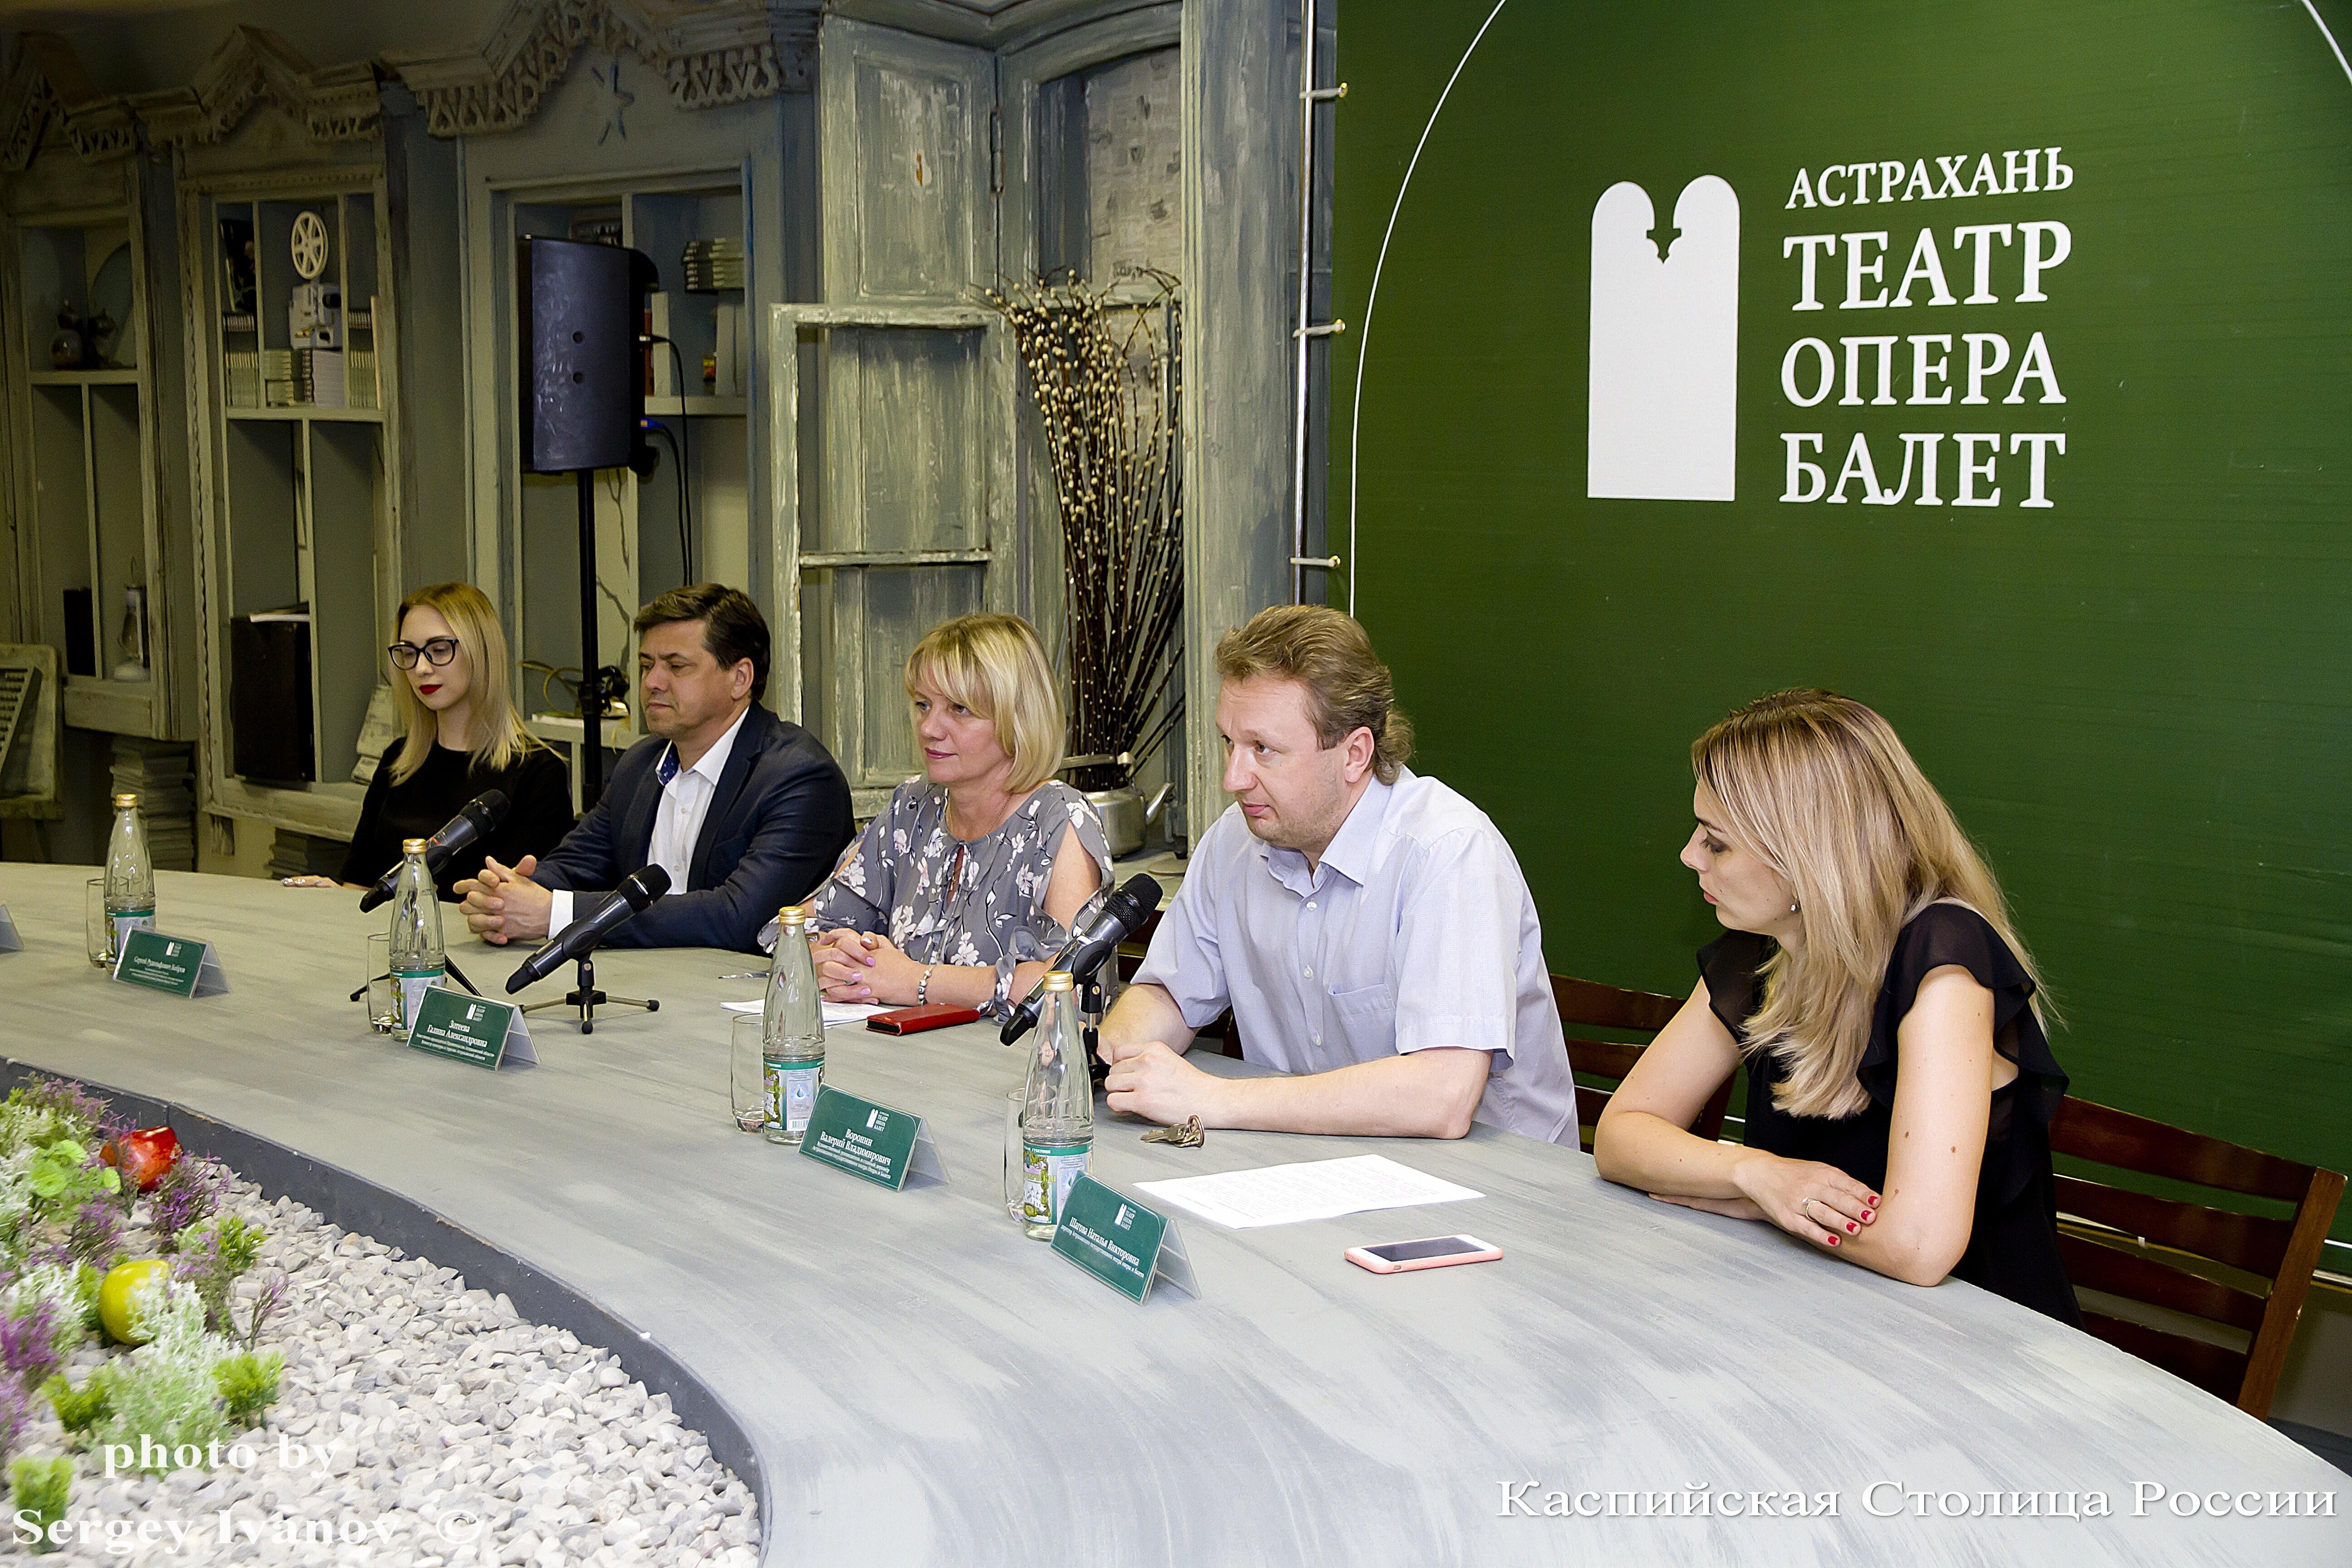 Сегодня открываются гастроли Красноярского театра  оперы и балета им. Д. Хворостовского